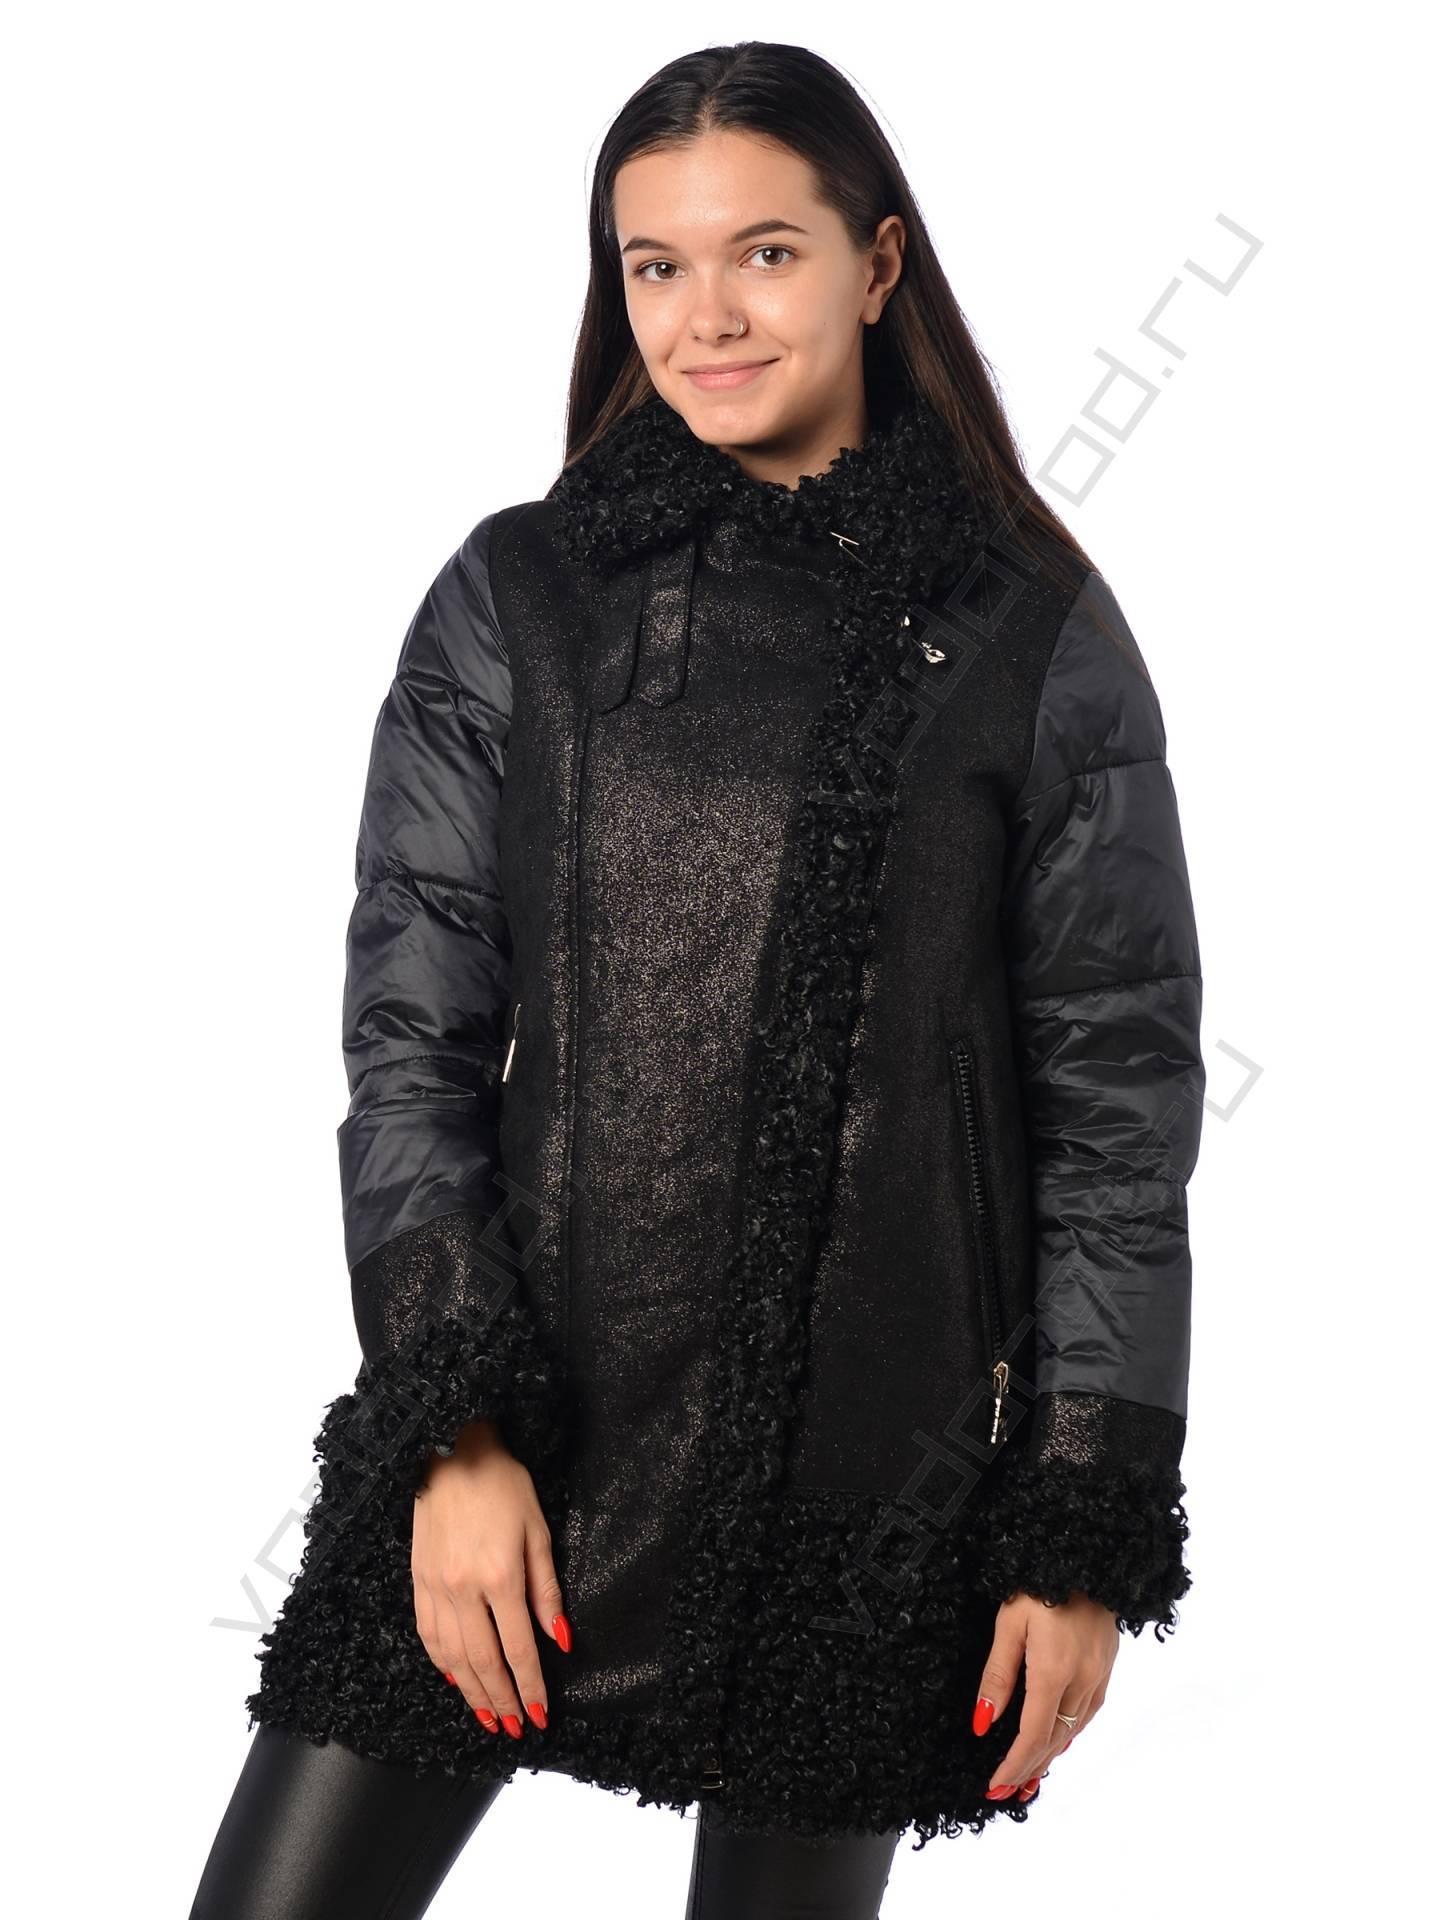 Короткая женская зимняя куртка купить в Хабаровске